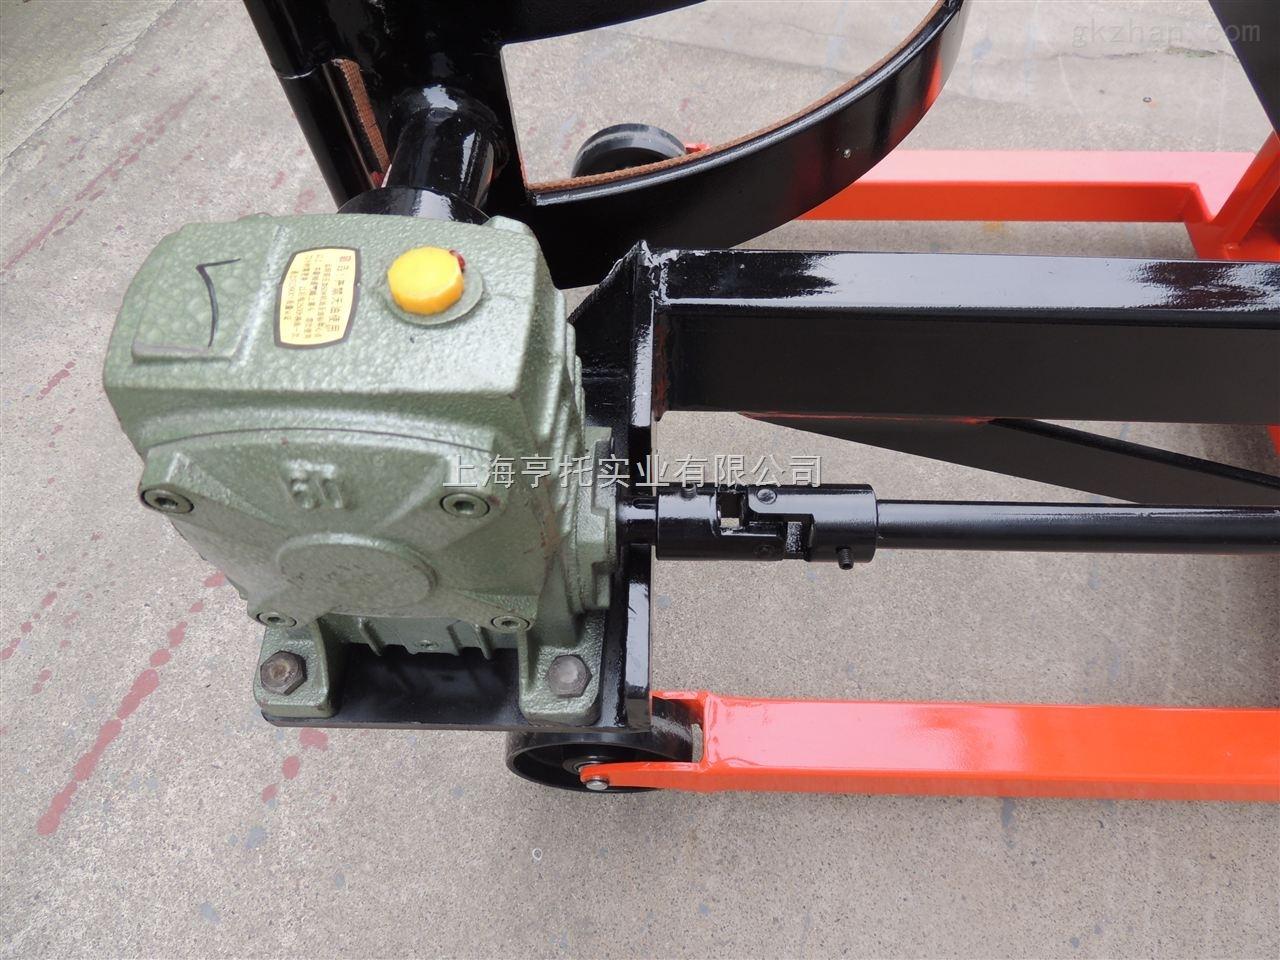 300kg称重油桶搬运车,手动翻转倒料油桶秤